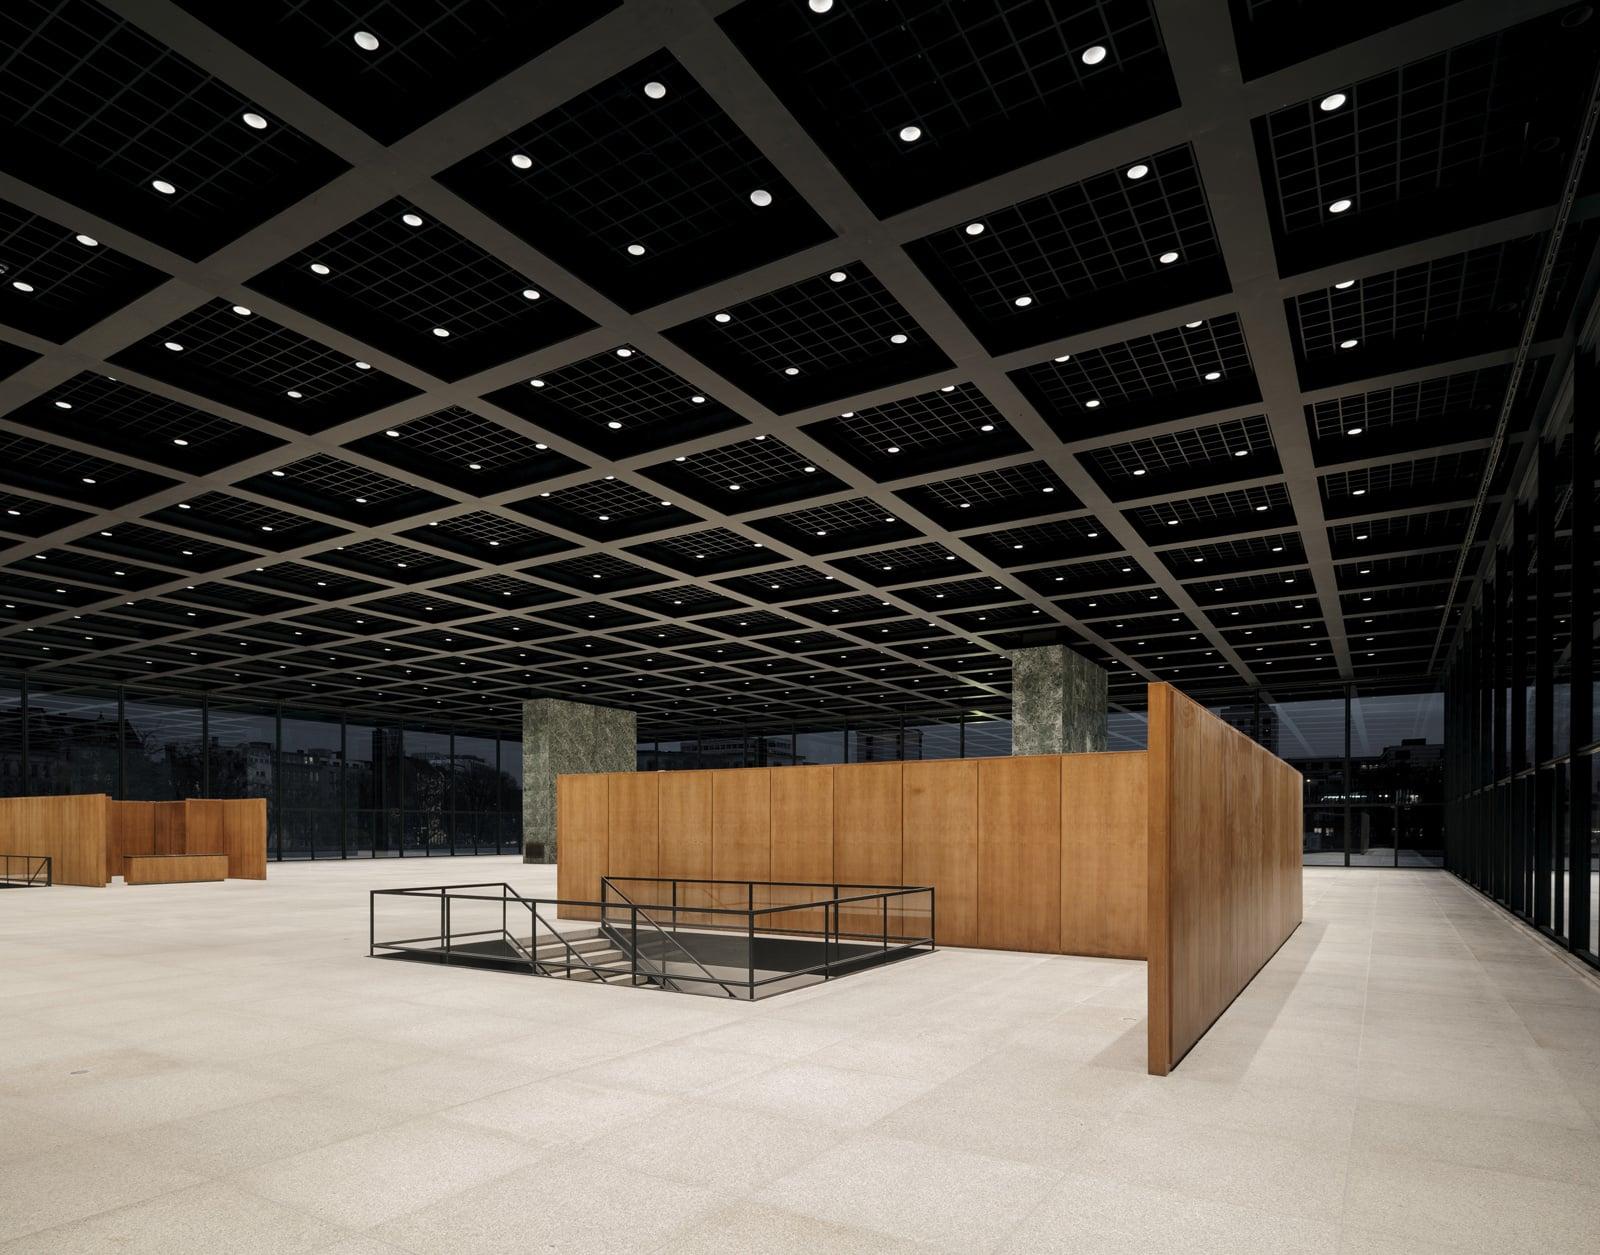 Neue Nationalgalerie Refurbishment  - 20210625 Chipperfield NeueNationalgalerieRefurbishment 07.2 45